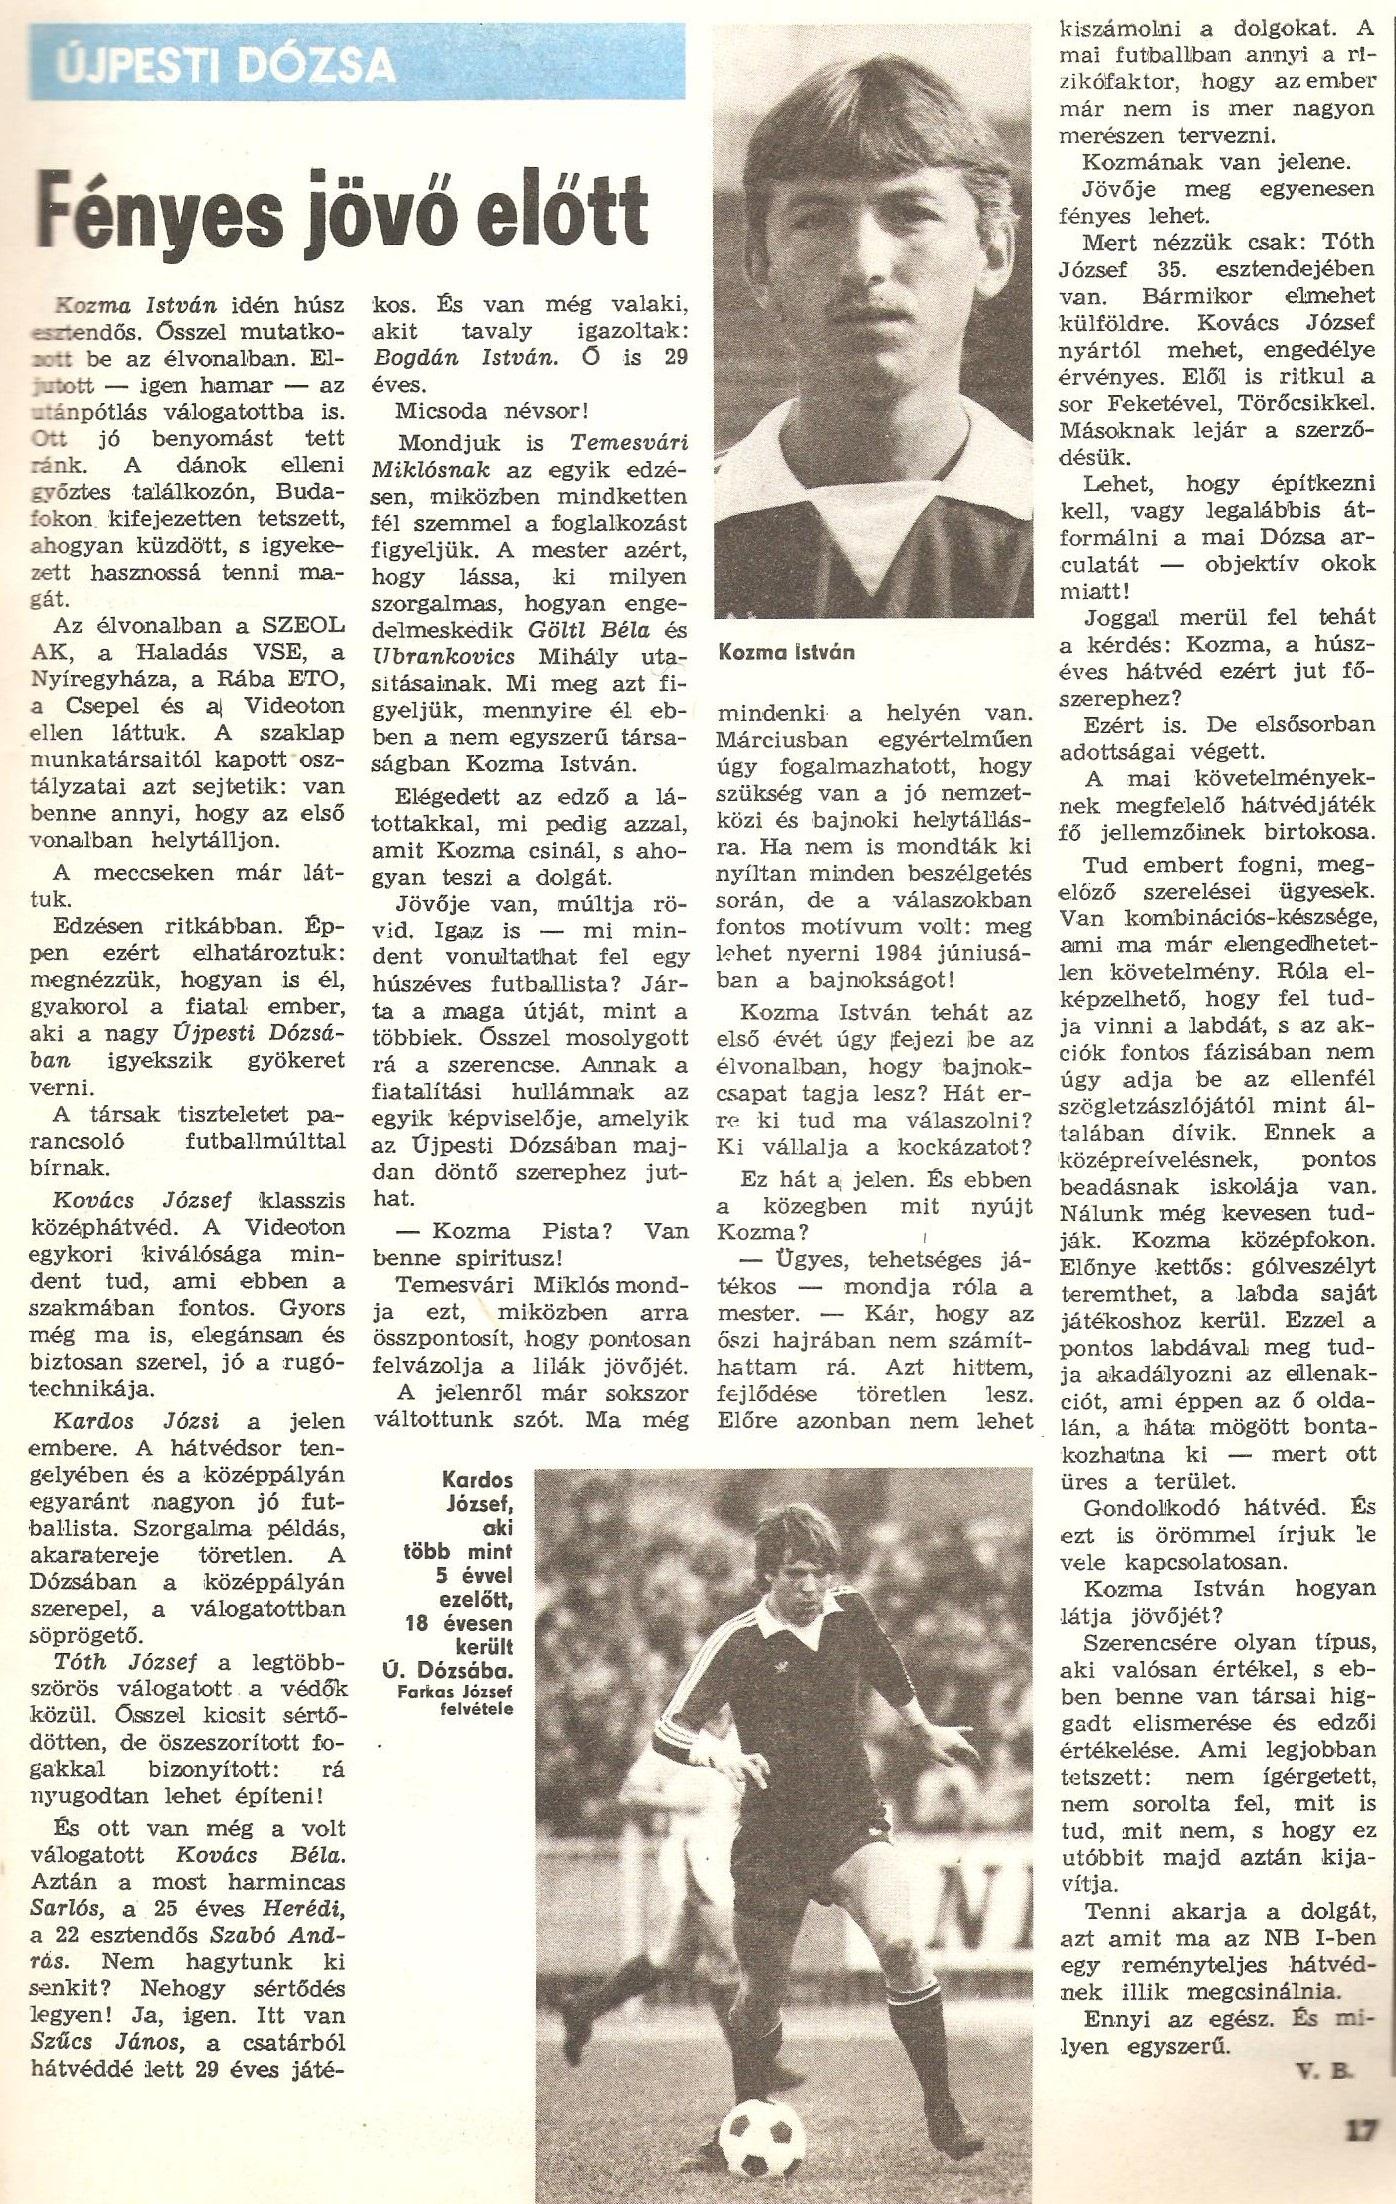 Idokapszula_1983-84_Teliszunet_bevetes_elott_U_Dozsa.jpg